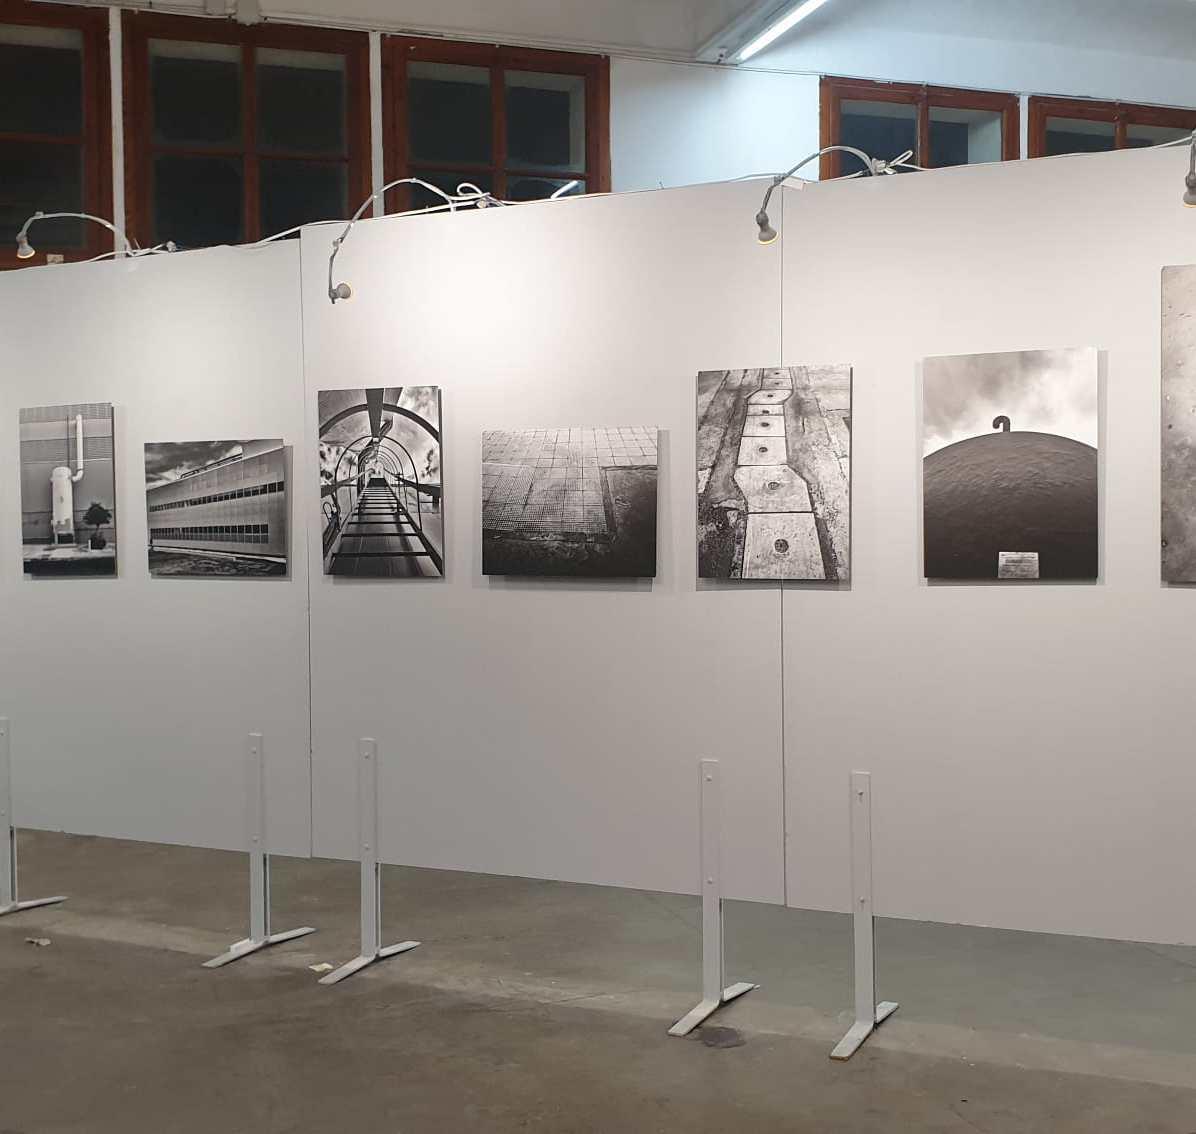 La mostra fotografica EX? di Raffaele Salvati finalmente allestita presso la Fabrica LLobet a Calella (Barcellona), esposta in occasione del festival internazionale di fotografia Festimatge di Calella (Barcellona). La mostra sarà visitabile dal 10 aprile al 1 maggio 2021.